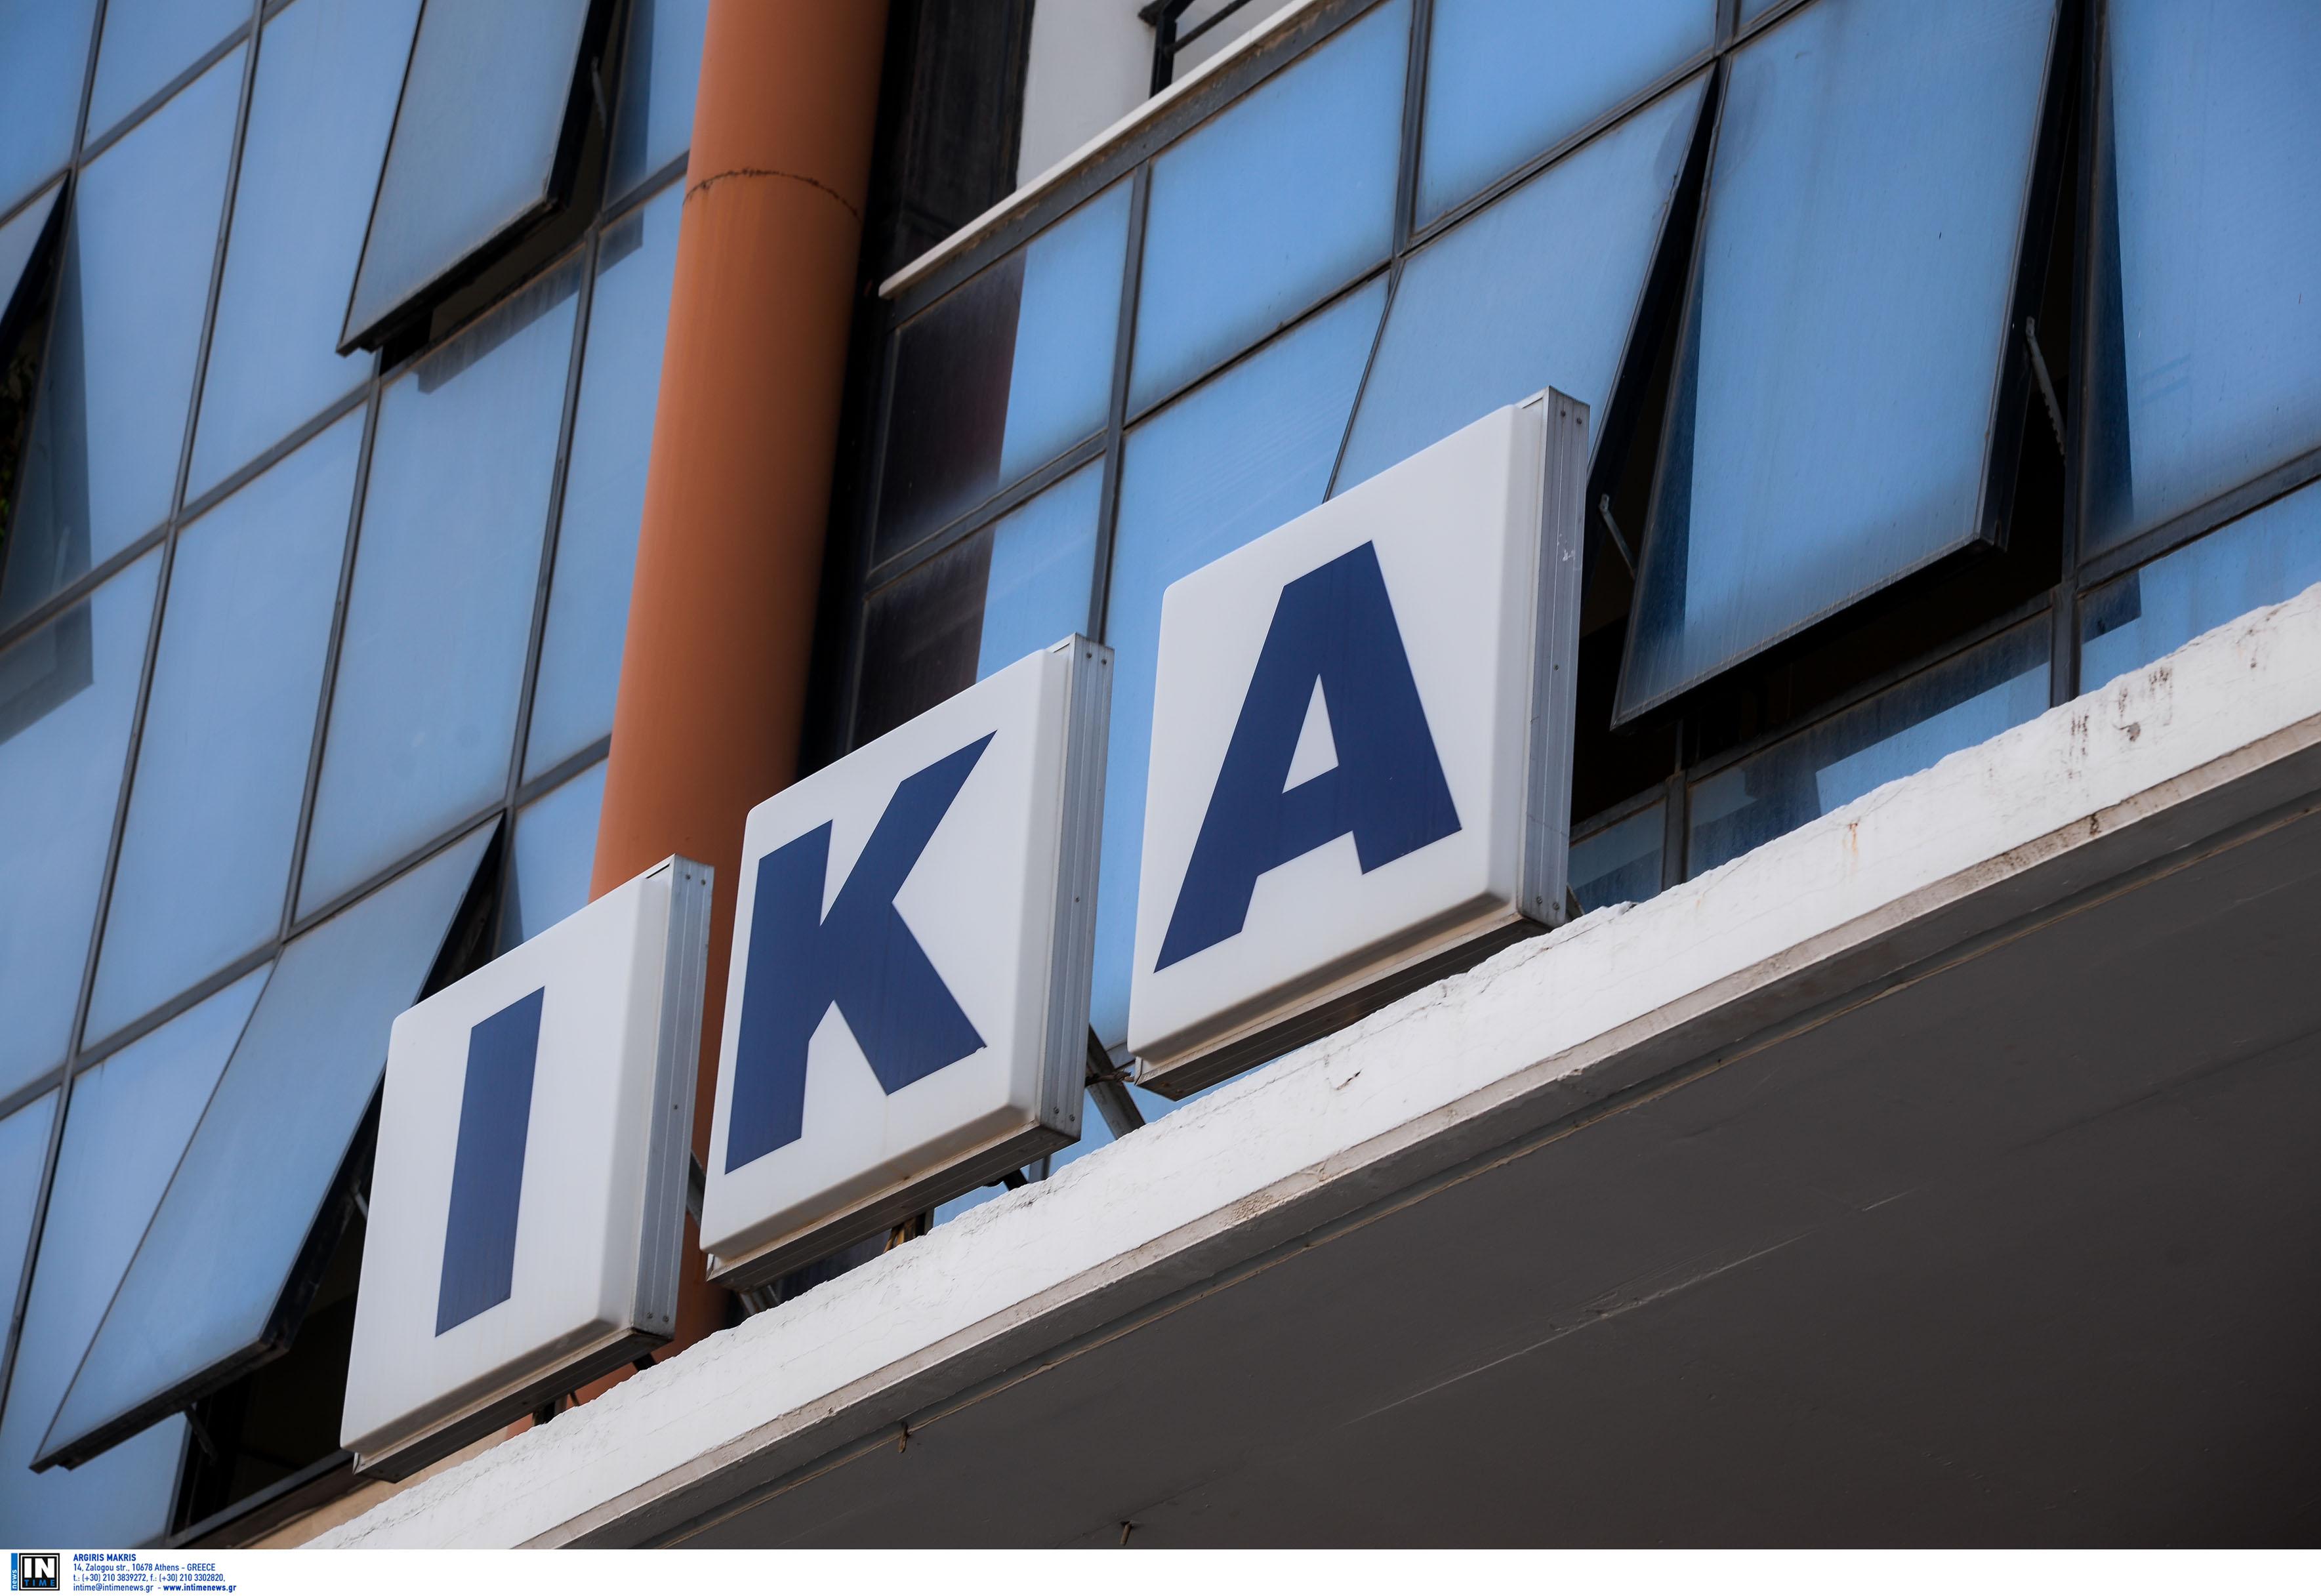 Νέες οδηγίες για τη χορήγηση του ΕΚΑΣ δίνει το ΙΚΑ | tovima.gr